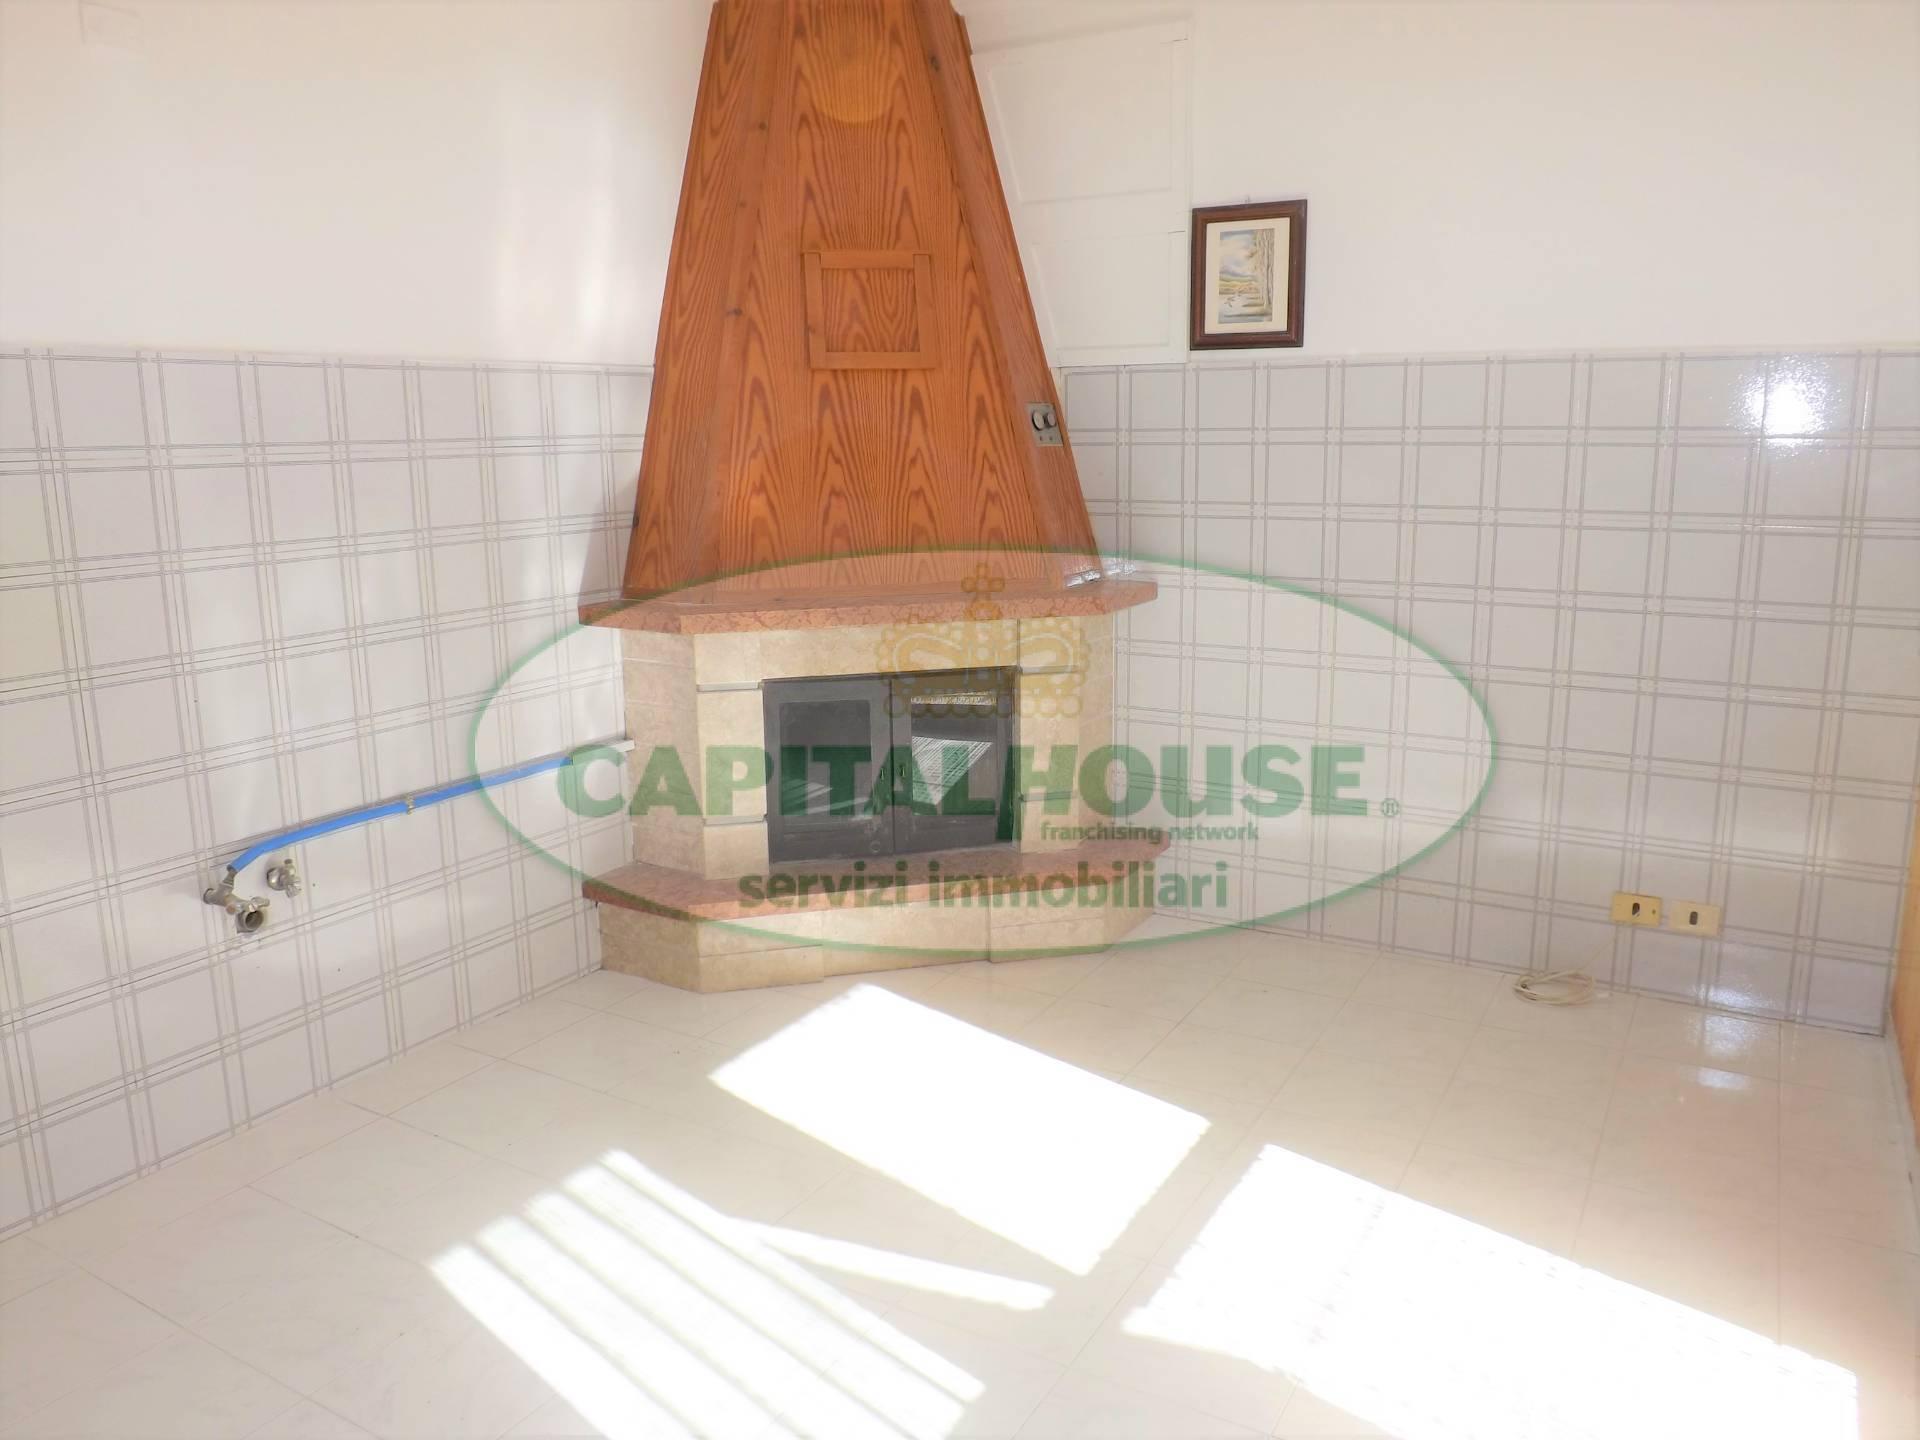 Appartamento in vendita a Manocalzati, 3 locali, prezzo € 33.000 | CambioCasa.it